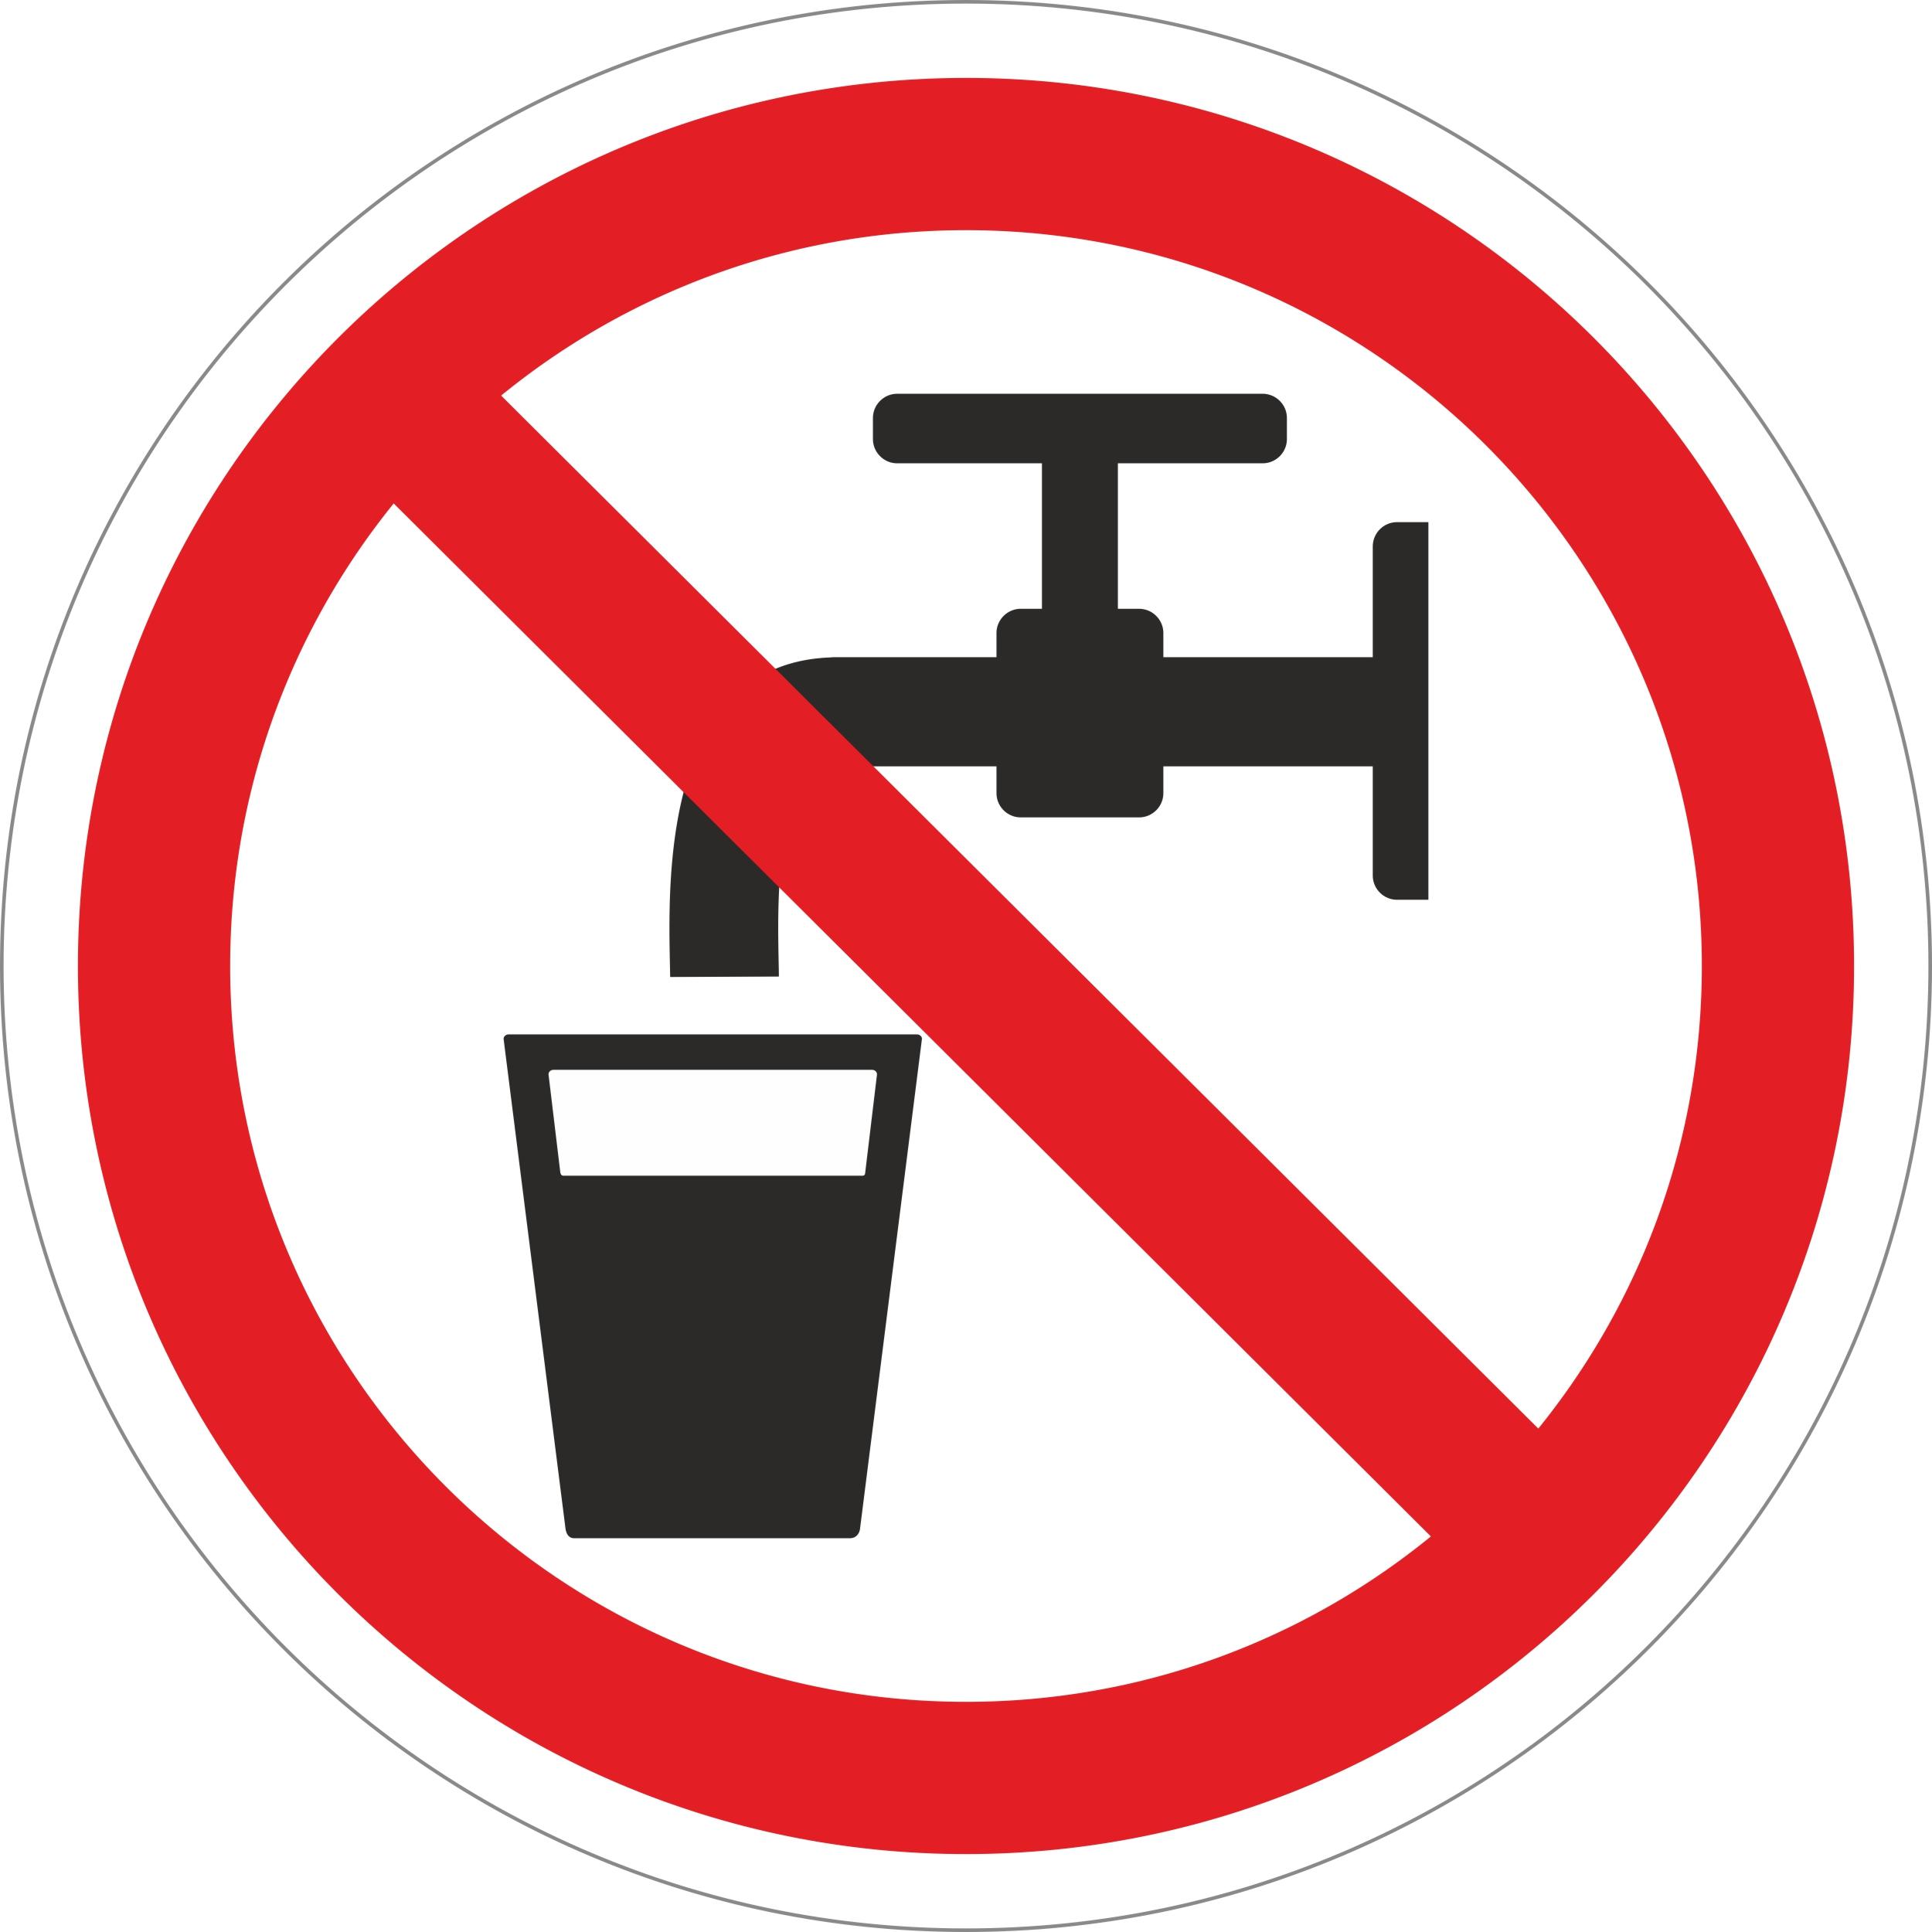 Kein trinkwasser Ø 100 mm Warn- Hinweis- und Verbotsschild Hart-PVC, selbstklebend  – Bild 1